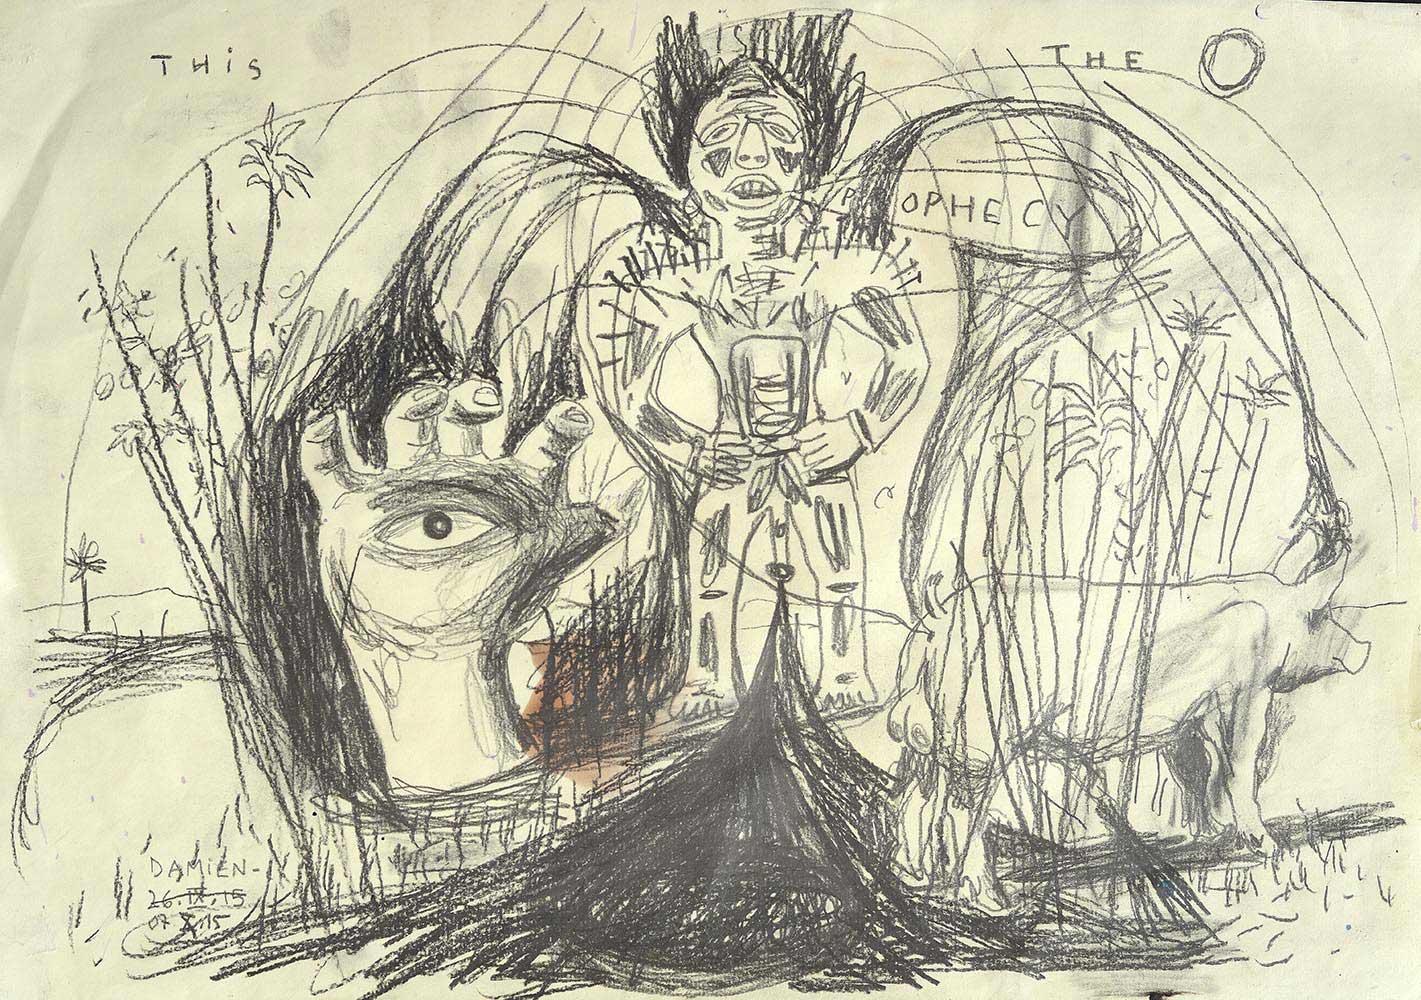 L'artiste français Damien Deroubaix rejoint la collection à l'agence